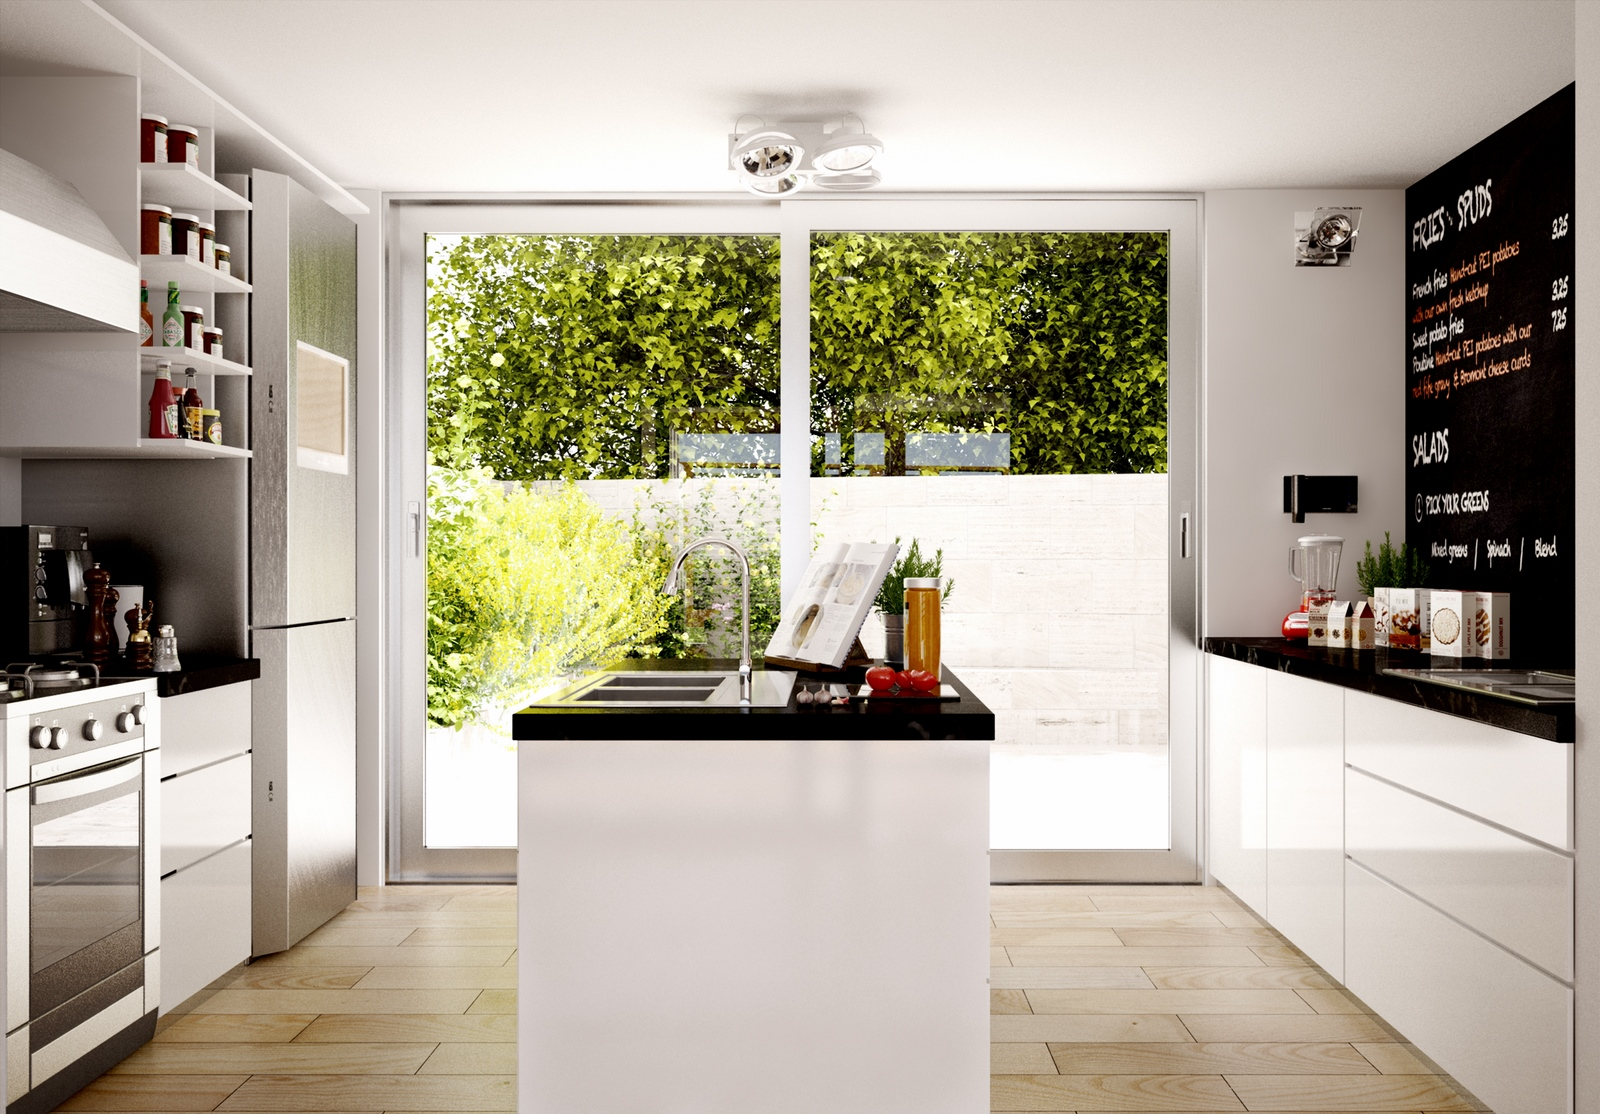 Modles de patios interesting with modles de patios for Modelos de patios para casas